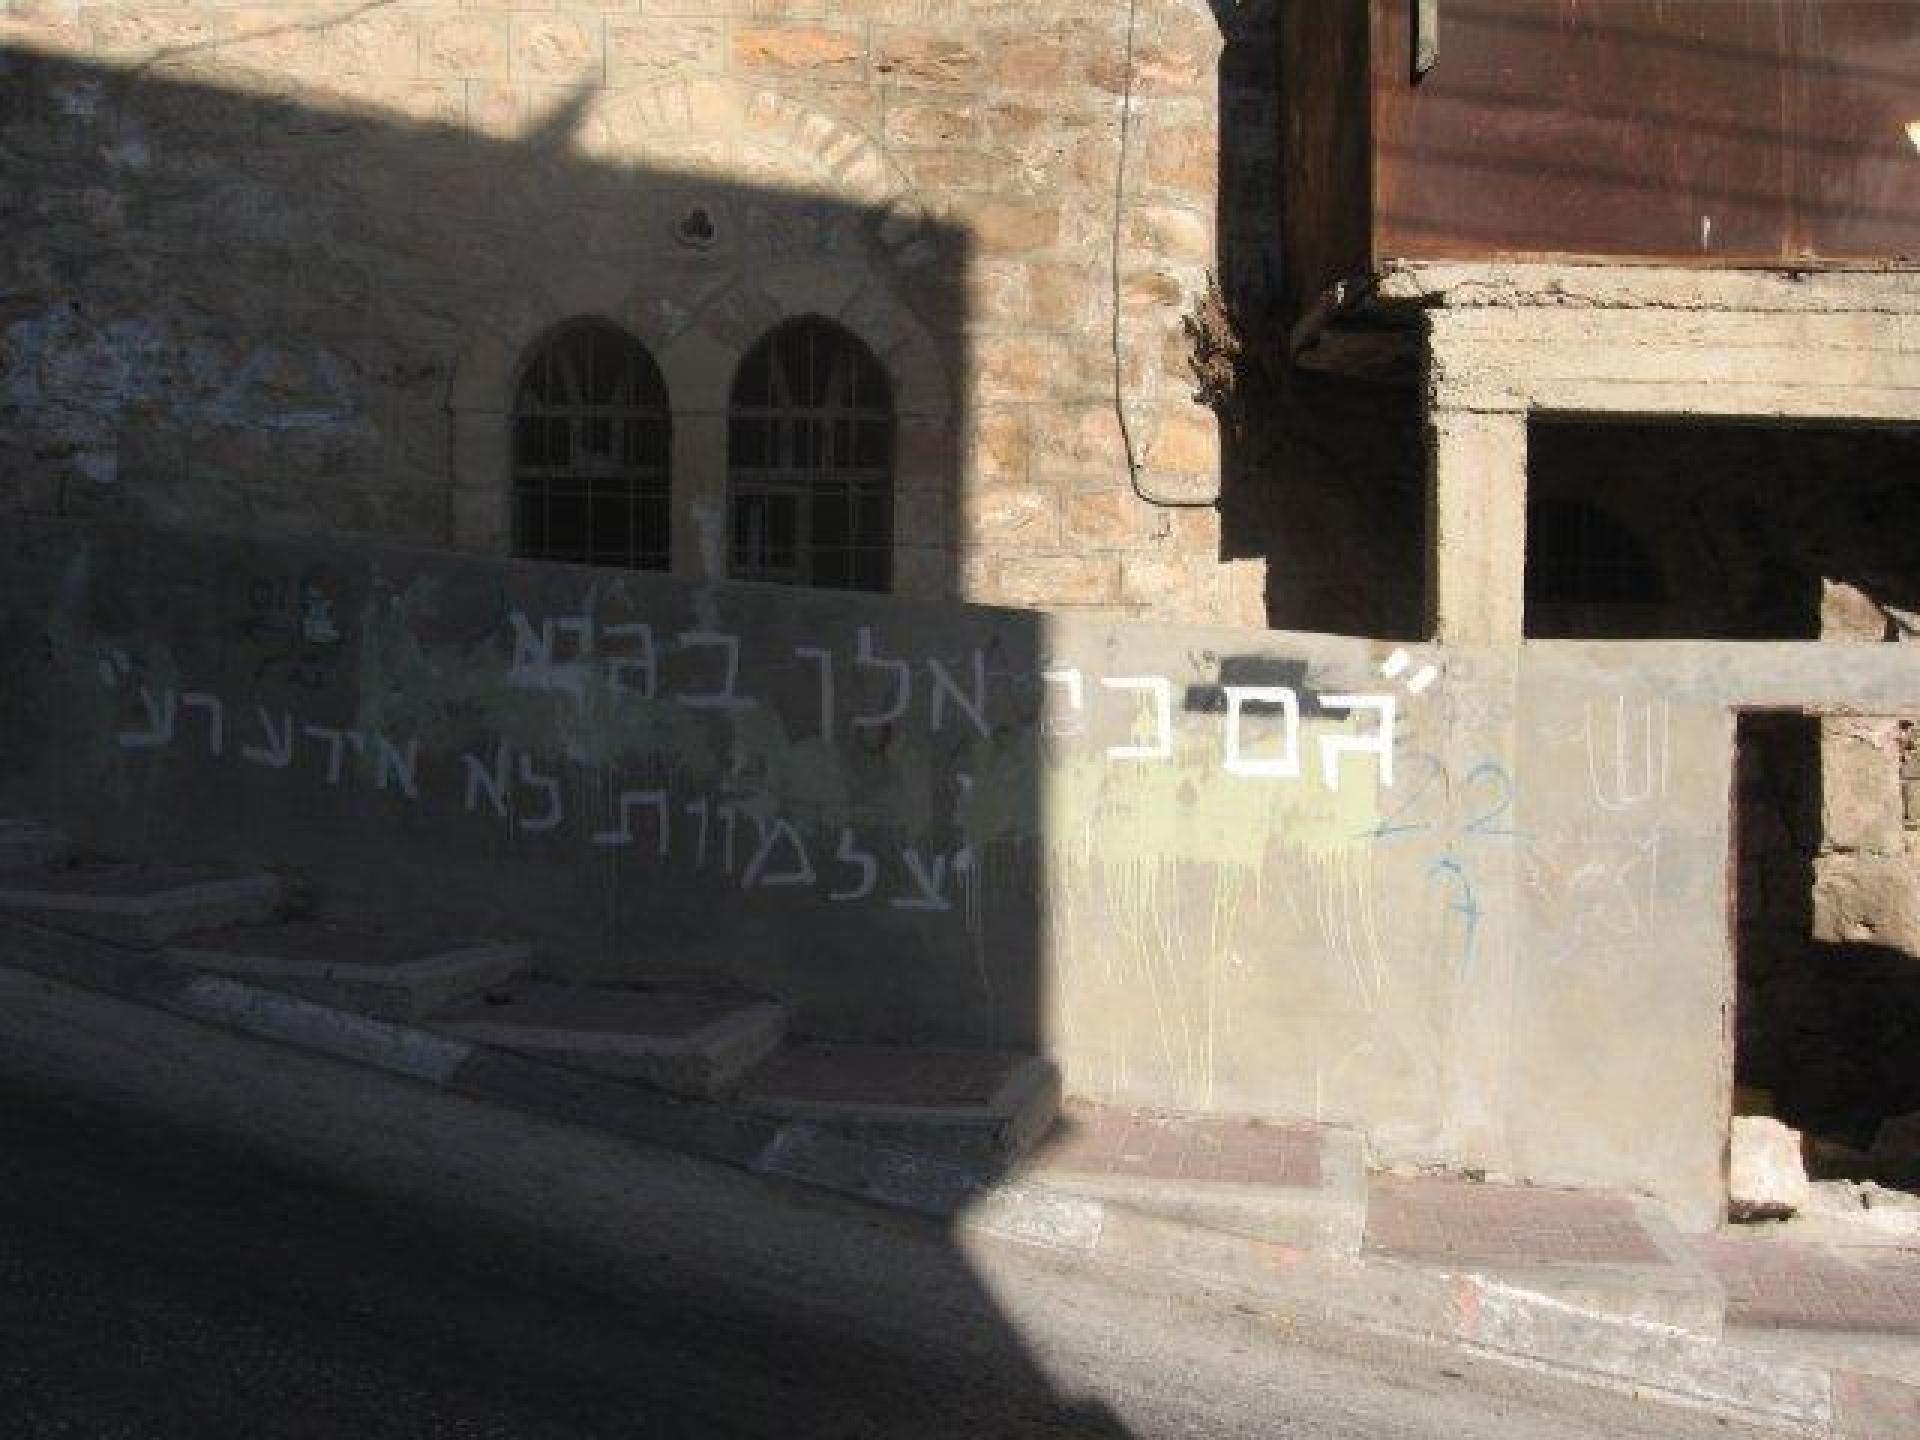 Tel Rumeida, Hebron 11.09.12